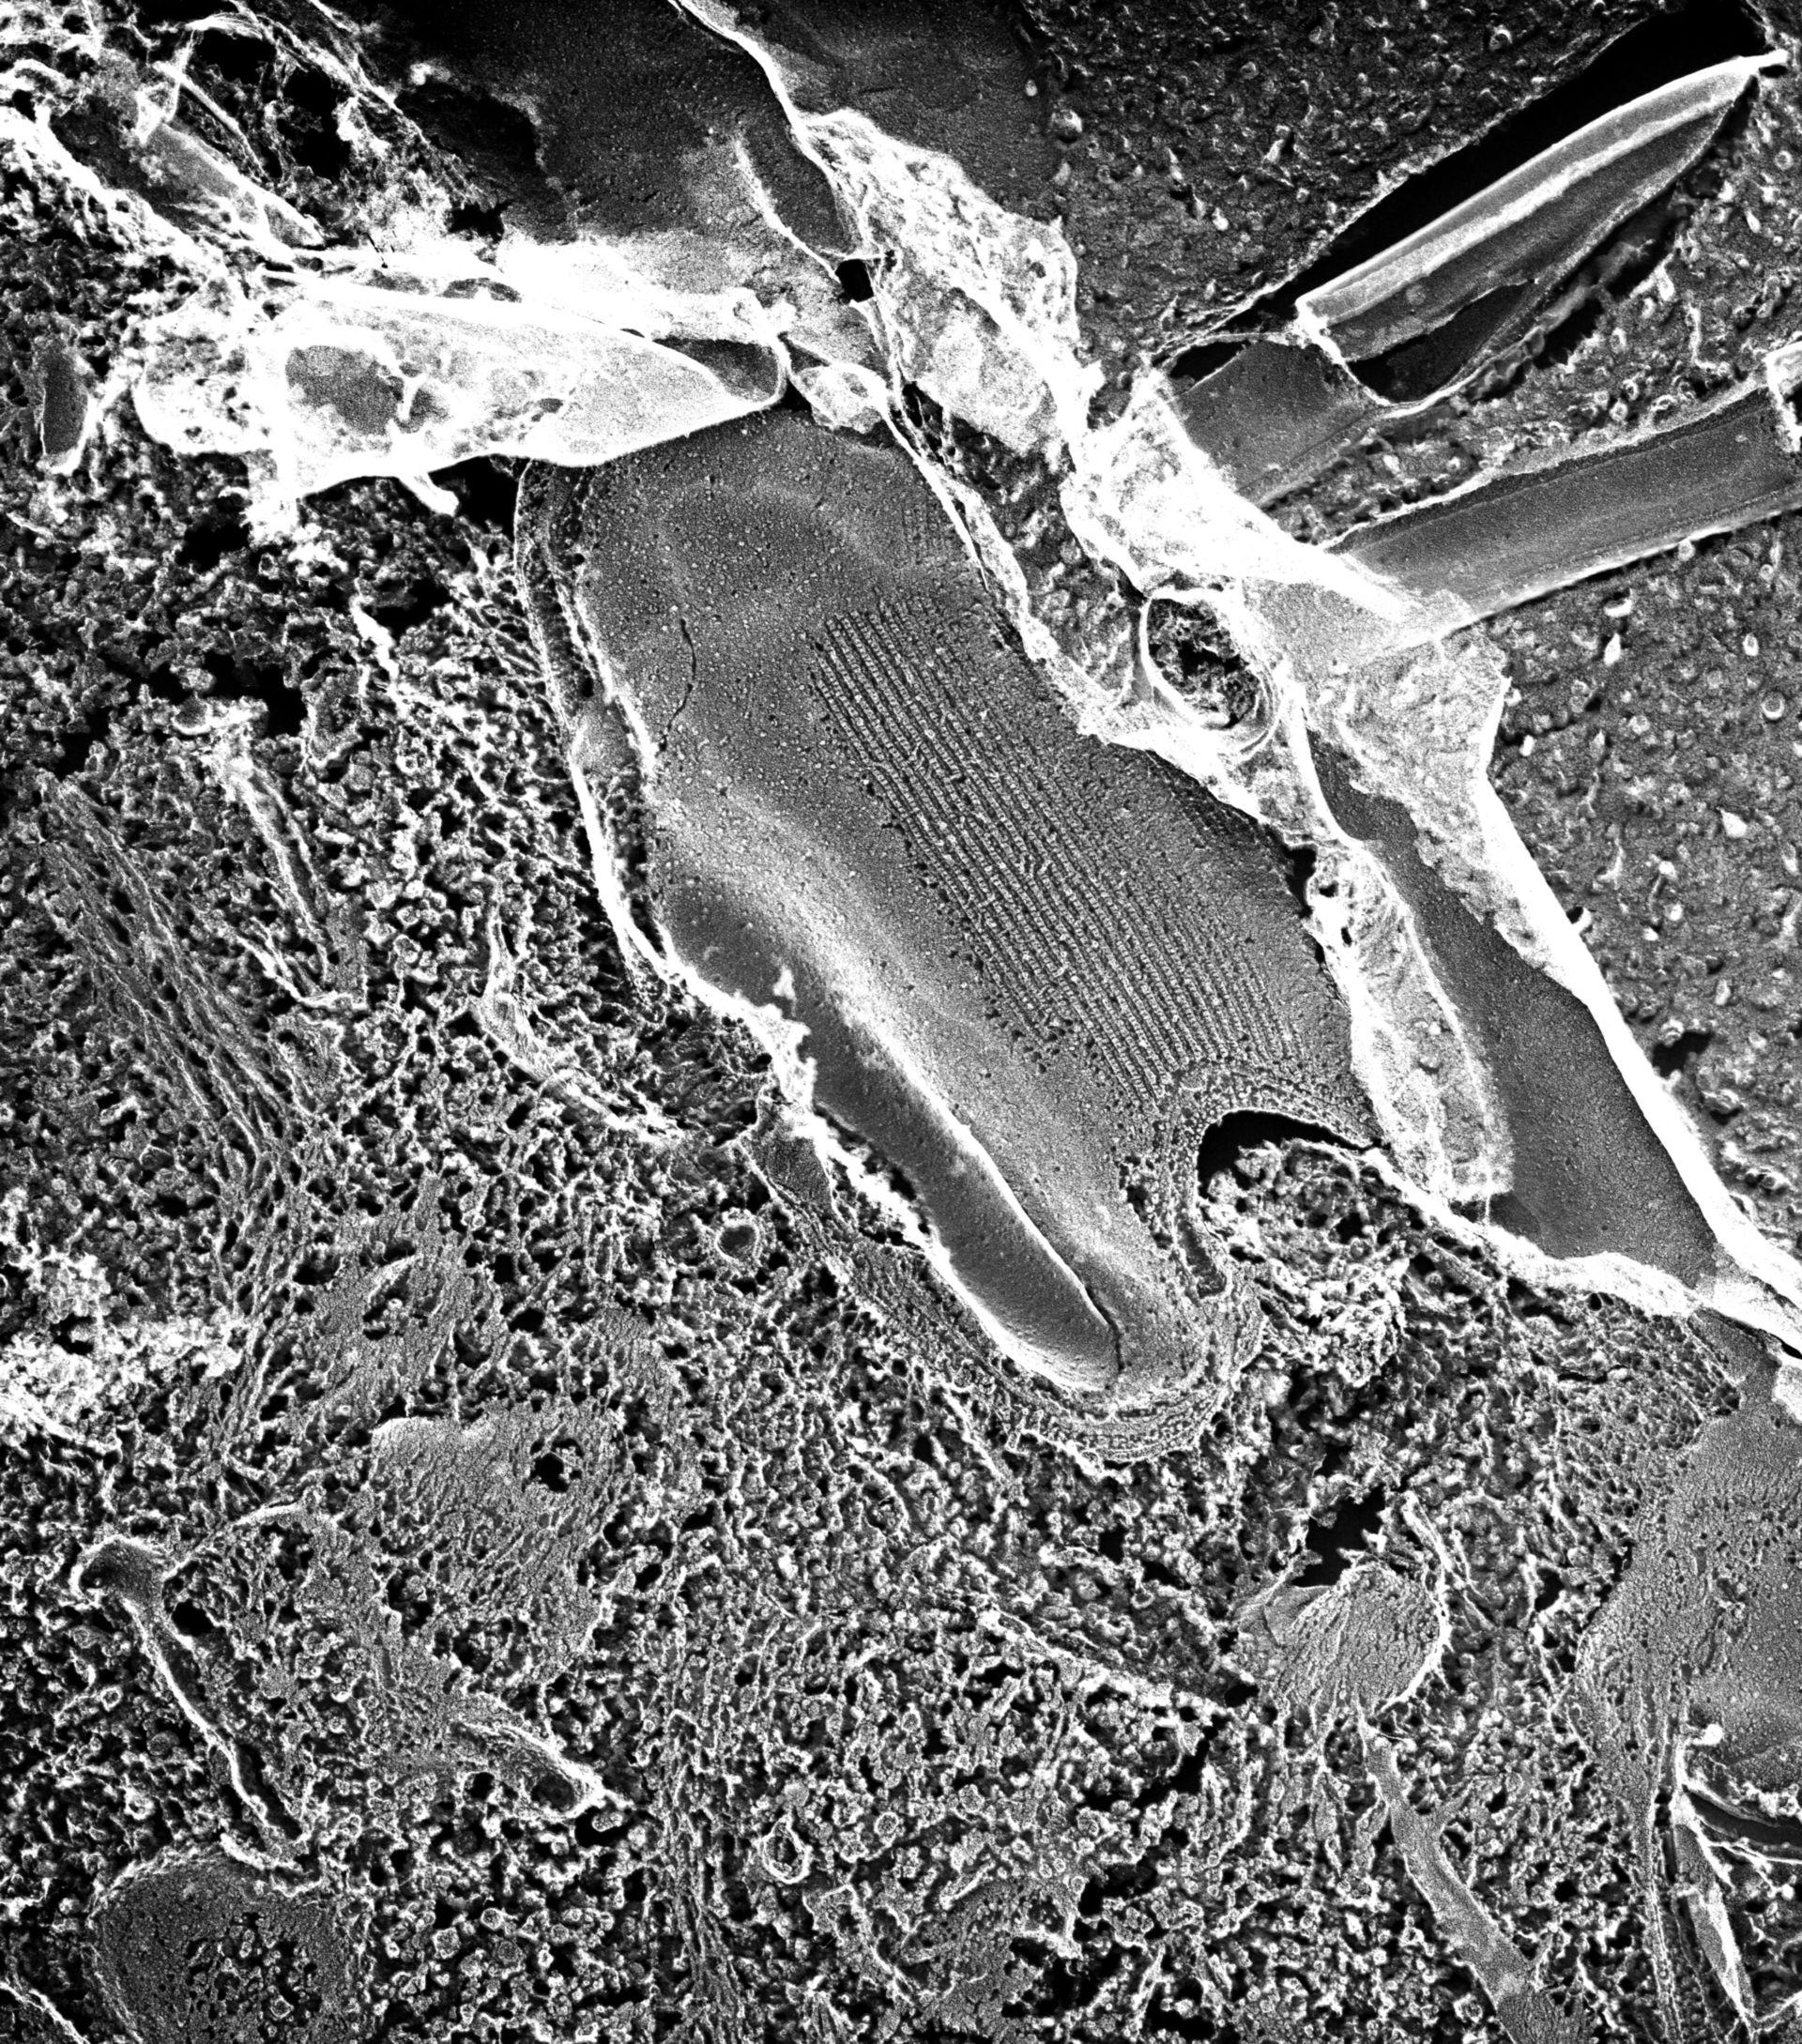 Paramecium multimicronucleatum (membrana plasmatica) - CIL:39314